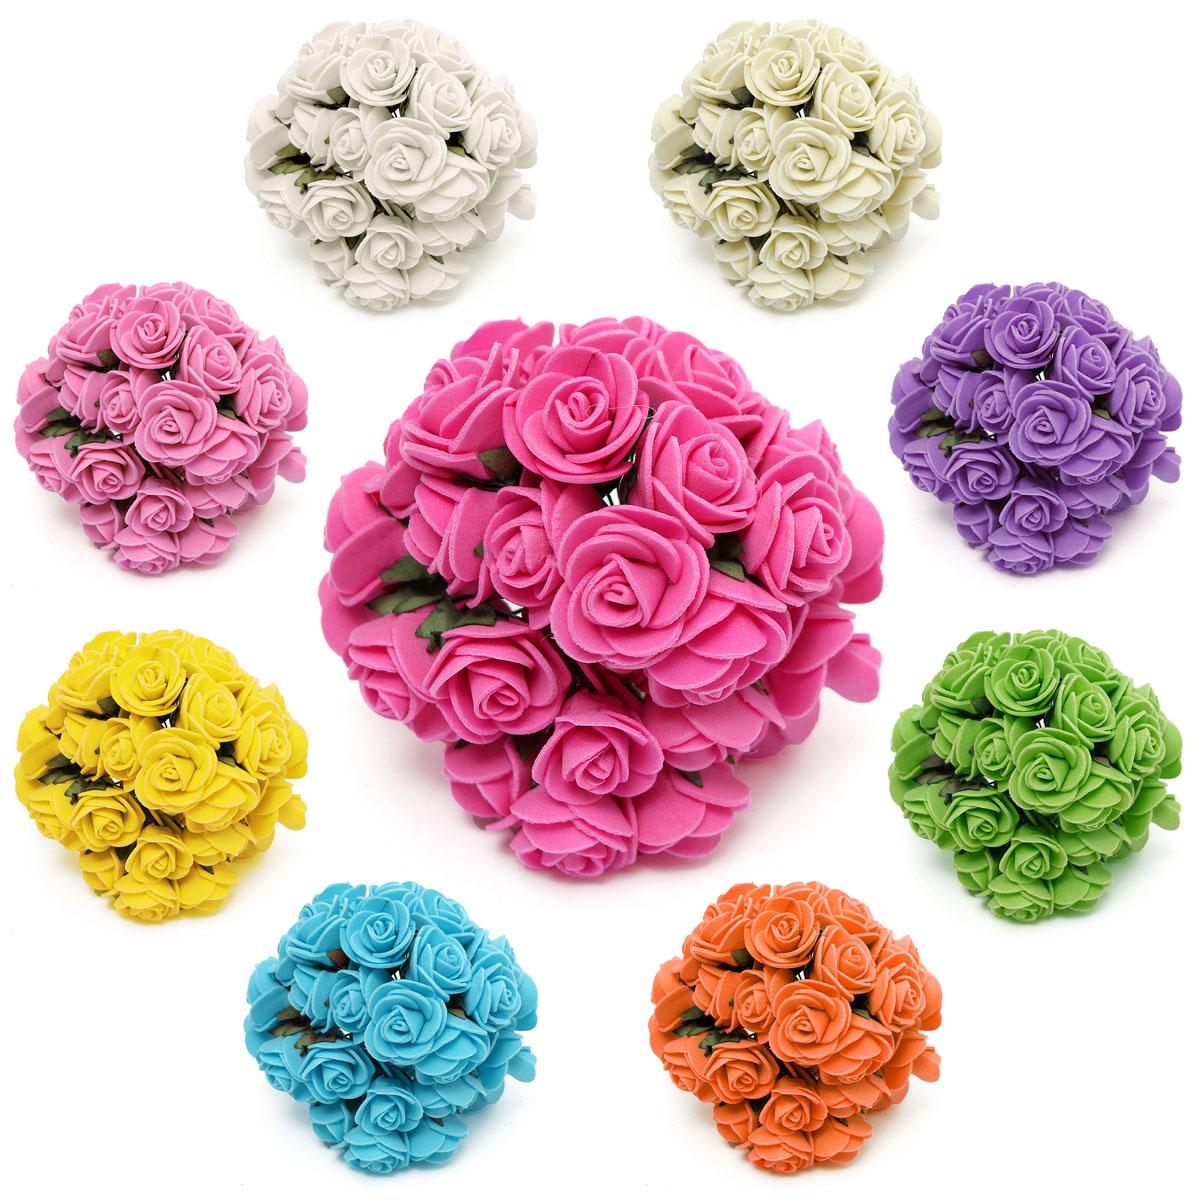 Type 1 ZYYXB 144 Pcs Artificielle Papier Fleur Mini Multicolore Bouquet De Mariage D/écoration de La Maison Scrapbooking DIY Couronne Faux Fleur